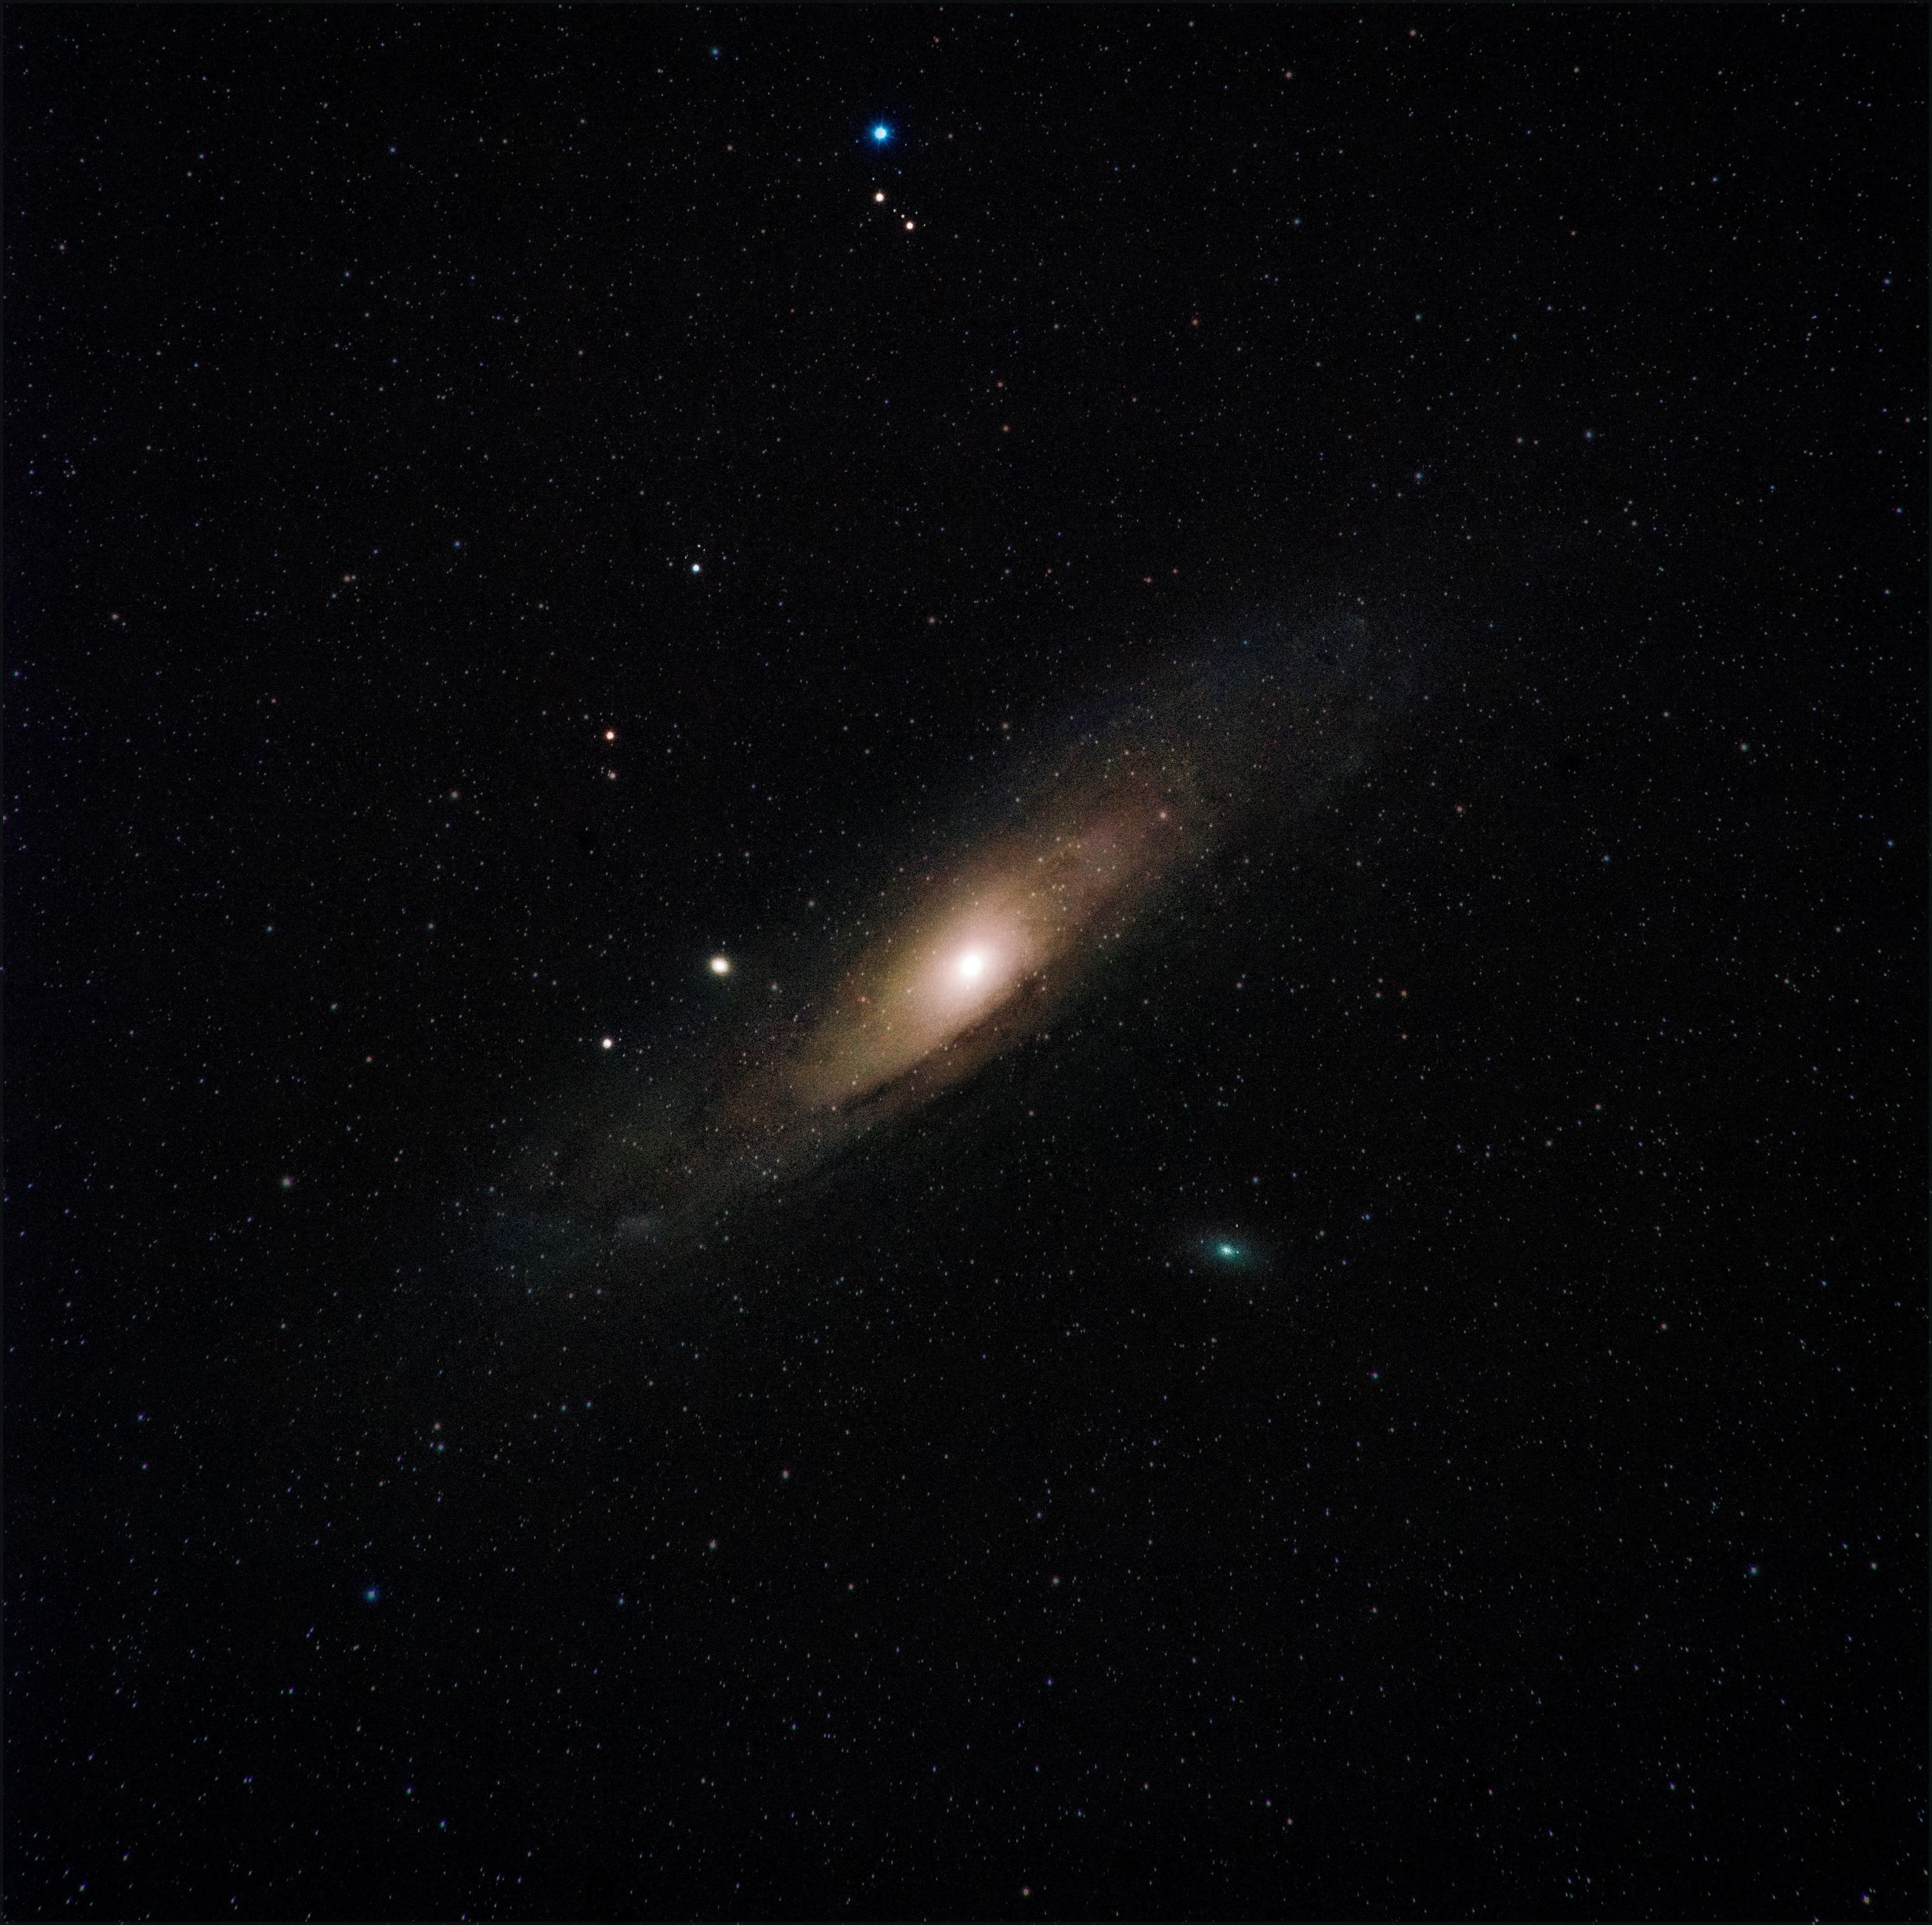 宇宙年龄最新估值是137.7亿岁